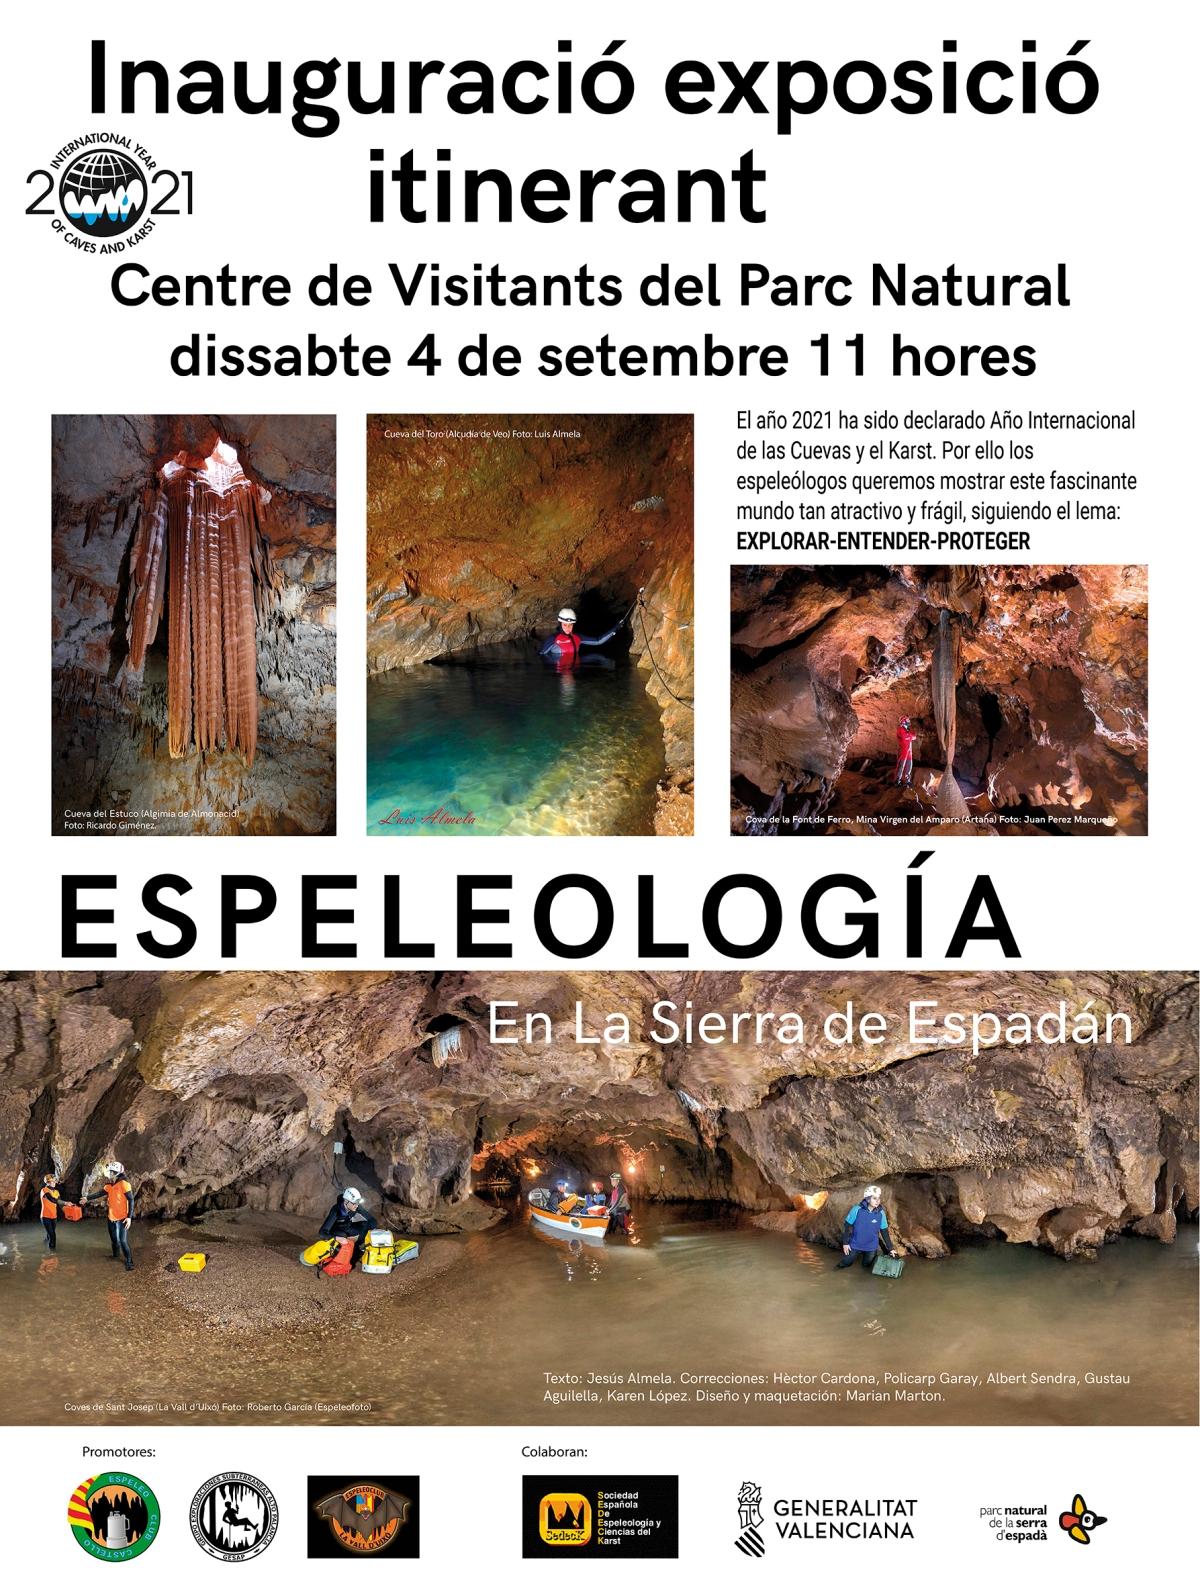 Inauguració exposició itinerant: Espelelogia en la Serrad'Espadà